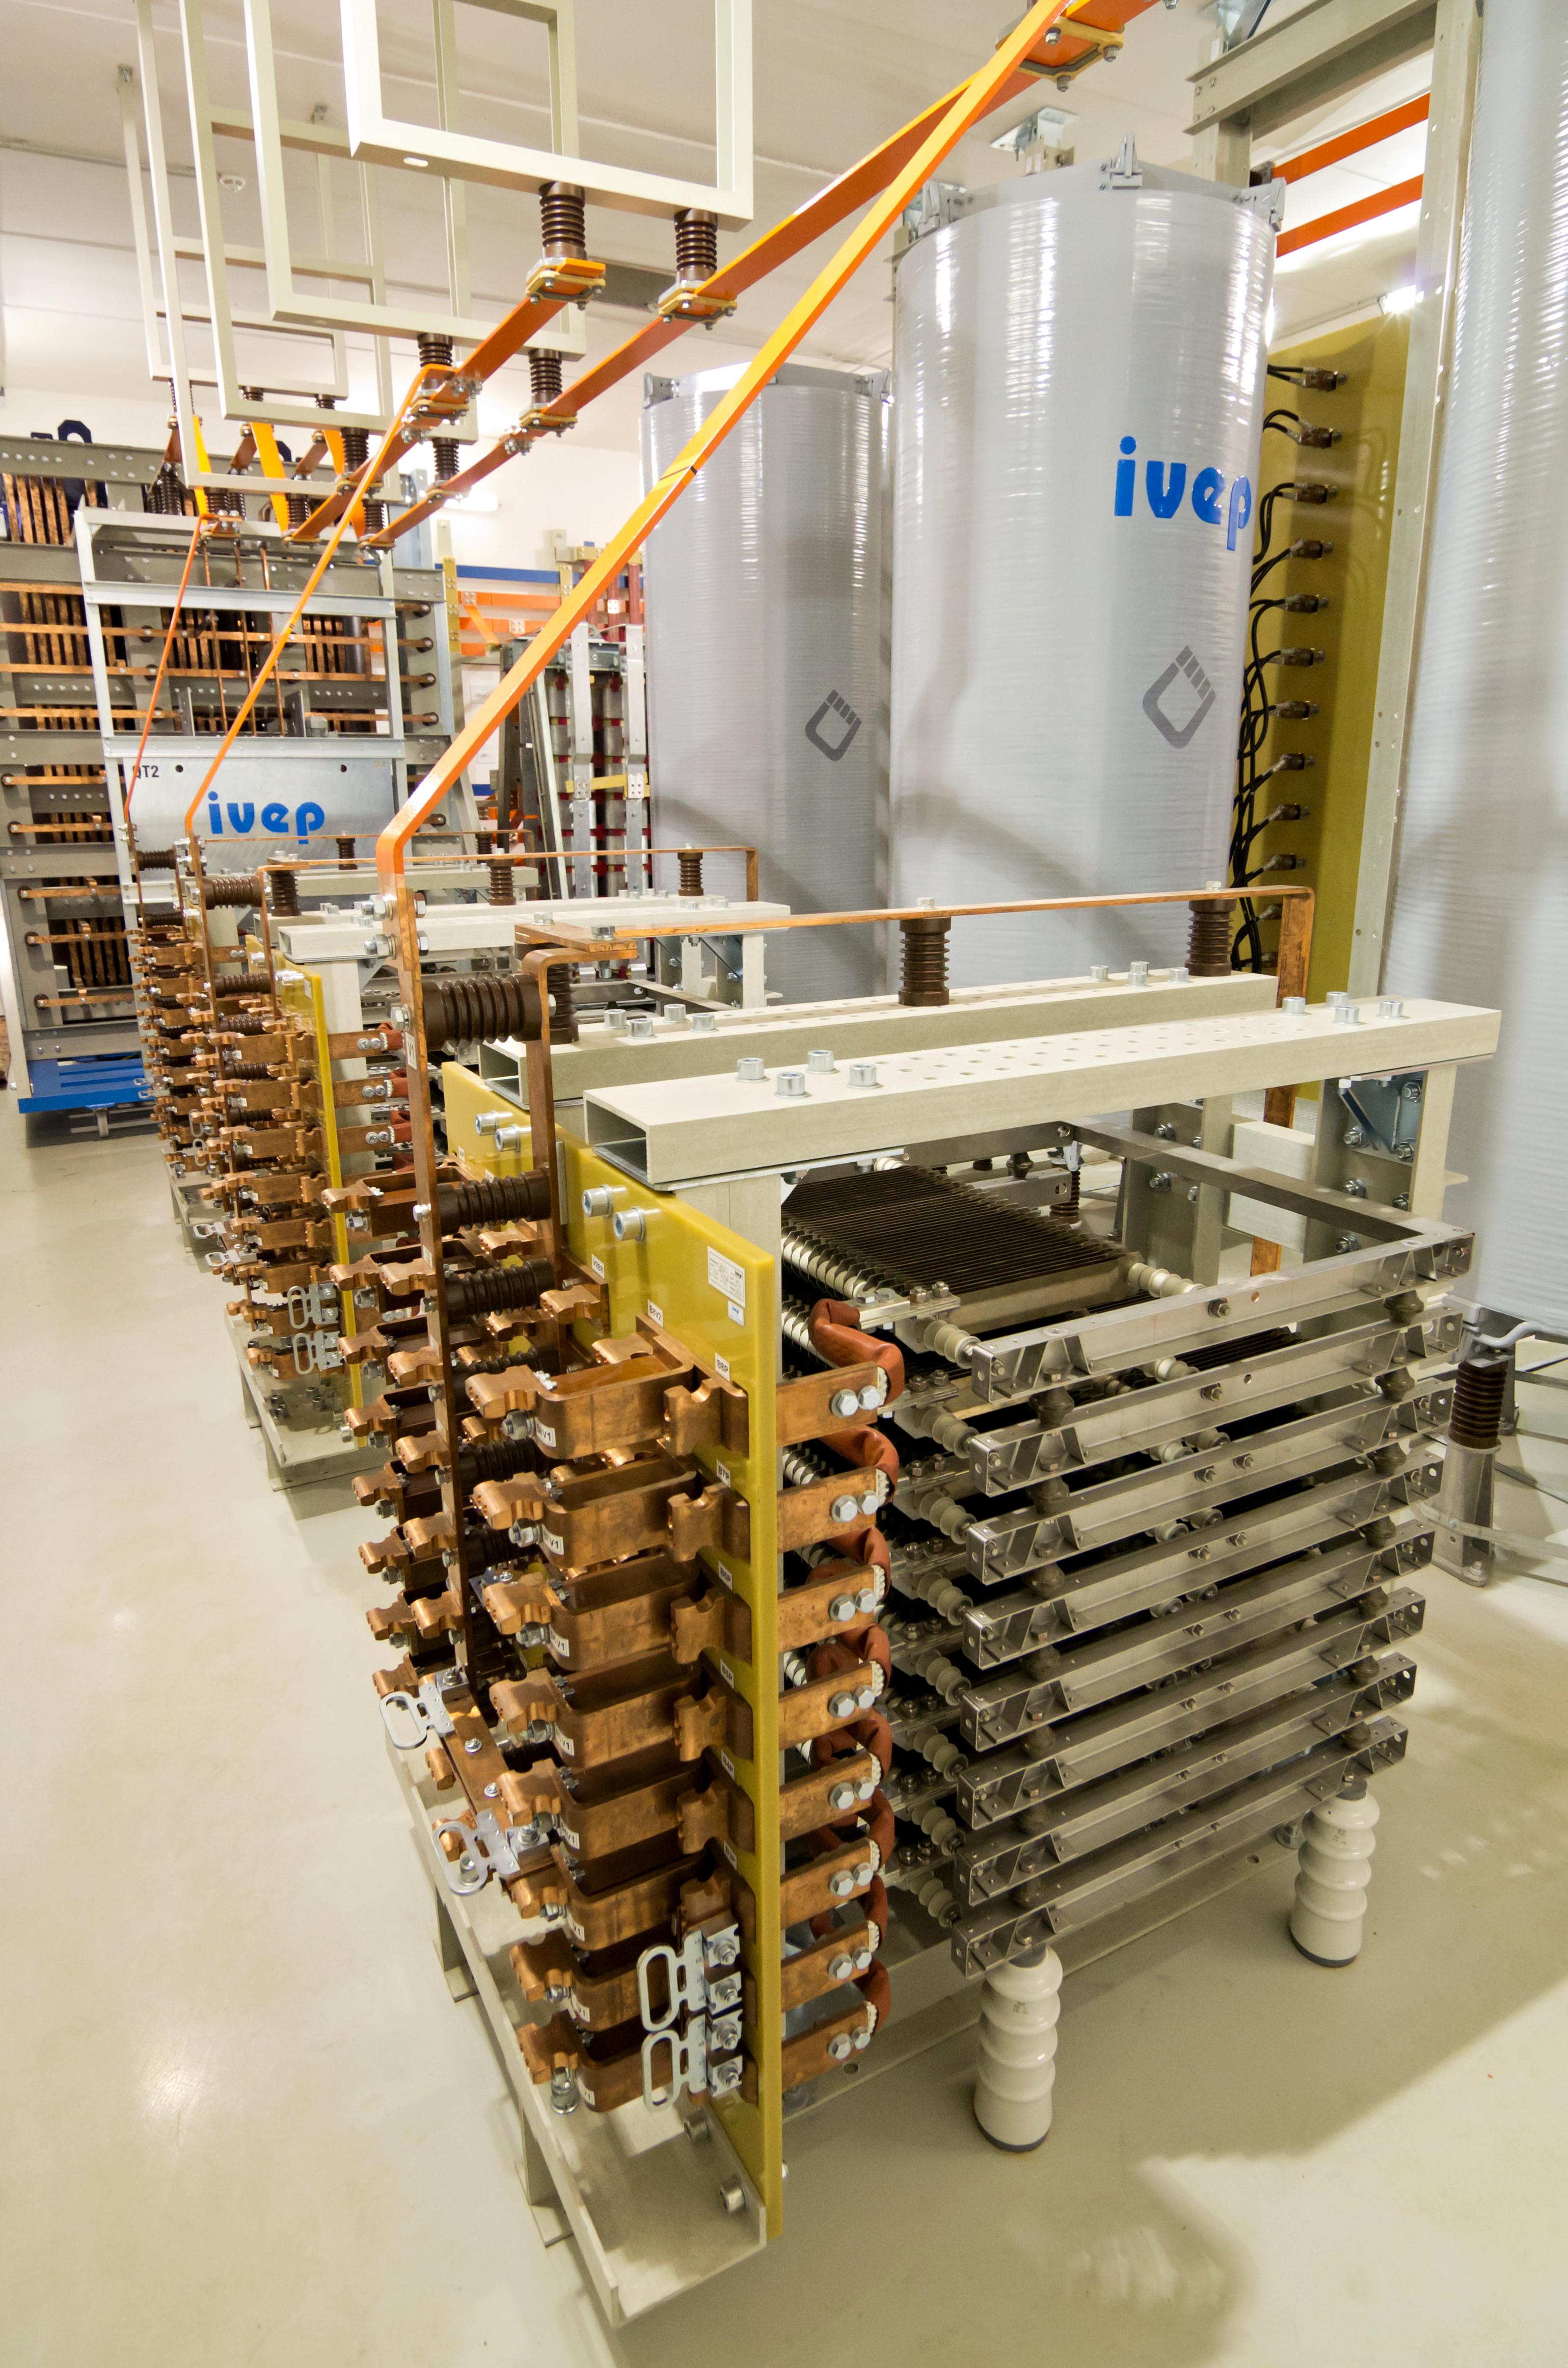 Laboratoř elektrických přístrojů - Laboratoř elektrických přístrojů